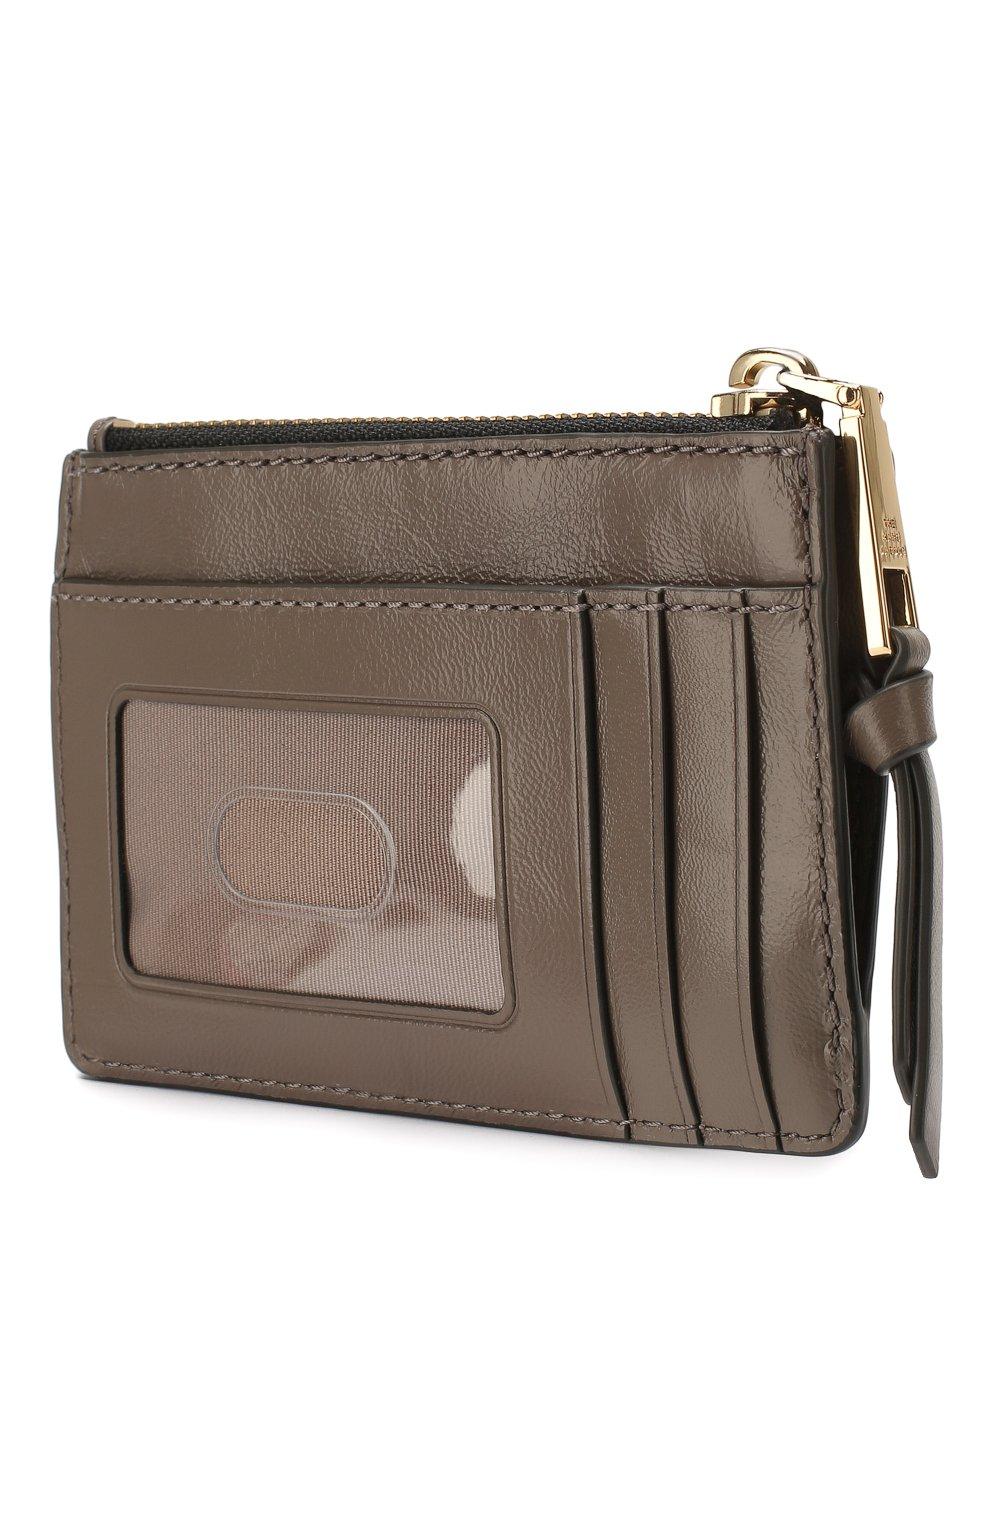 Женский кожаный футляр для кредитных карт MARC JACOBS (THE) коричневого цвета, арт. M0015865 | Фото 2